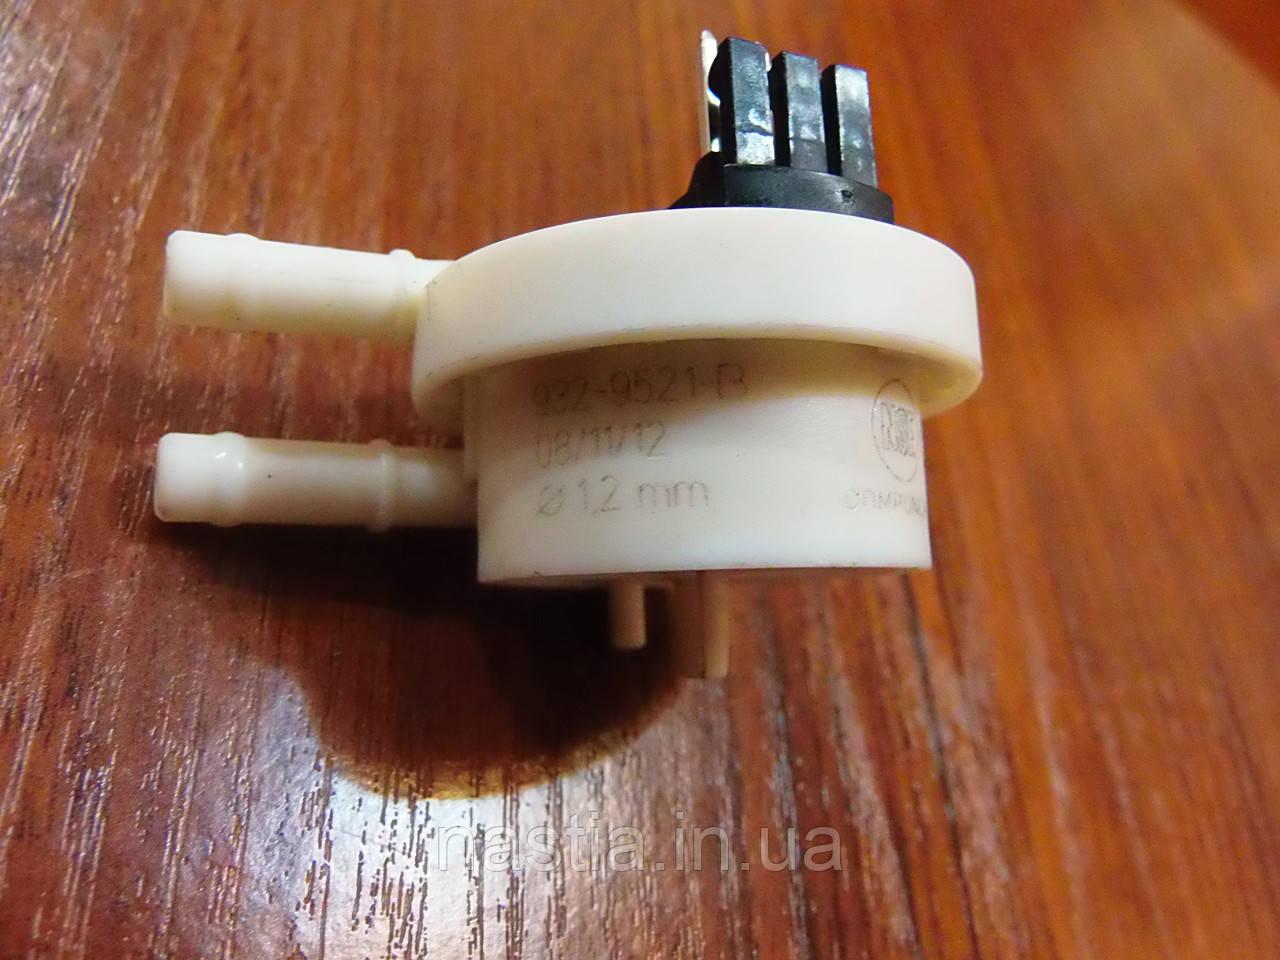 Турбіна лічильник води, d = 1,2mm, Odea, Talea